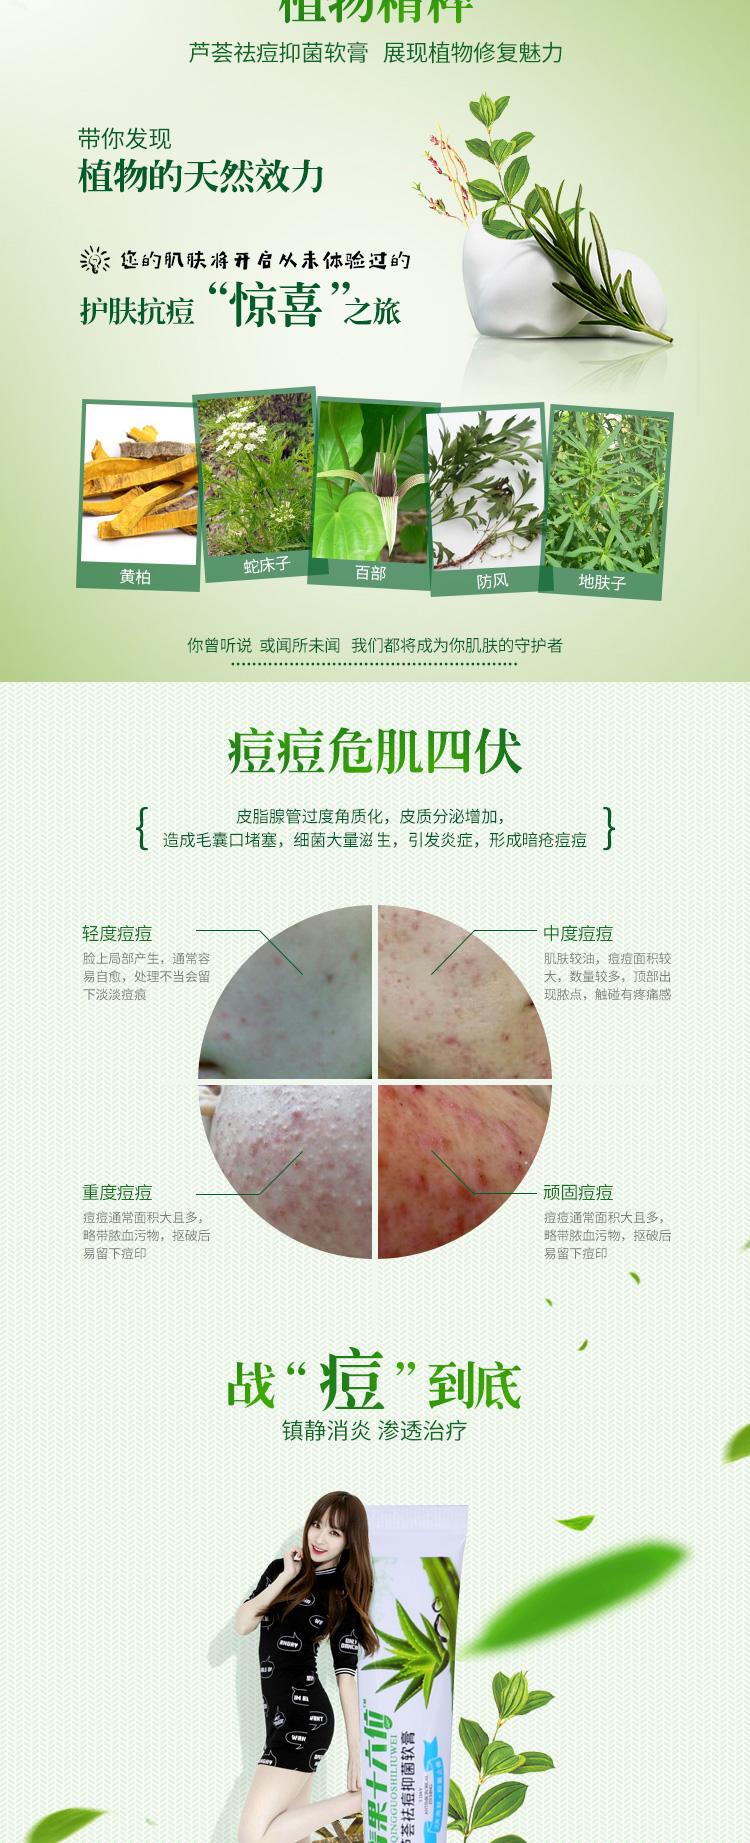 祛痘软膏|瞬通芦荟祛痘抑菌软膏|祛痘软膏厂家